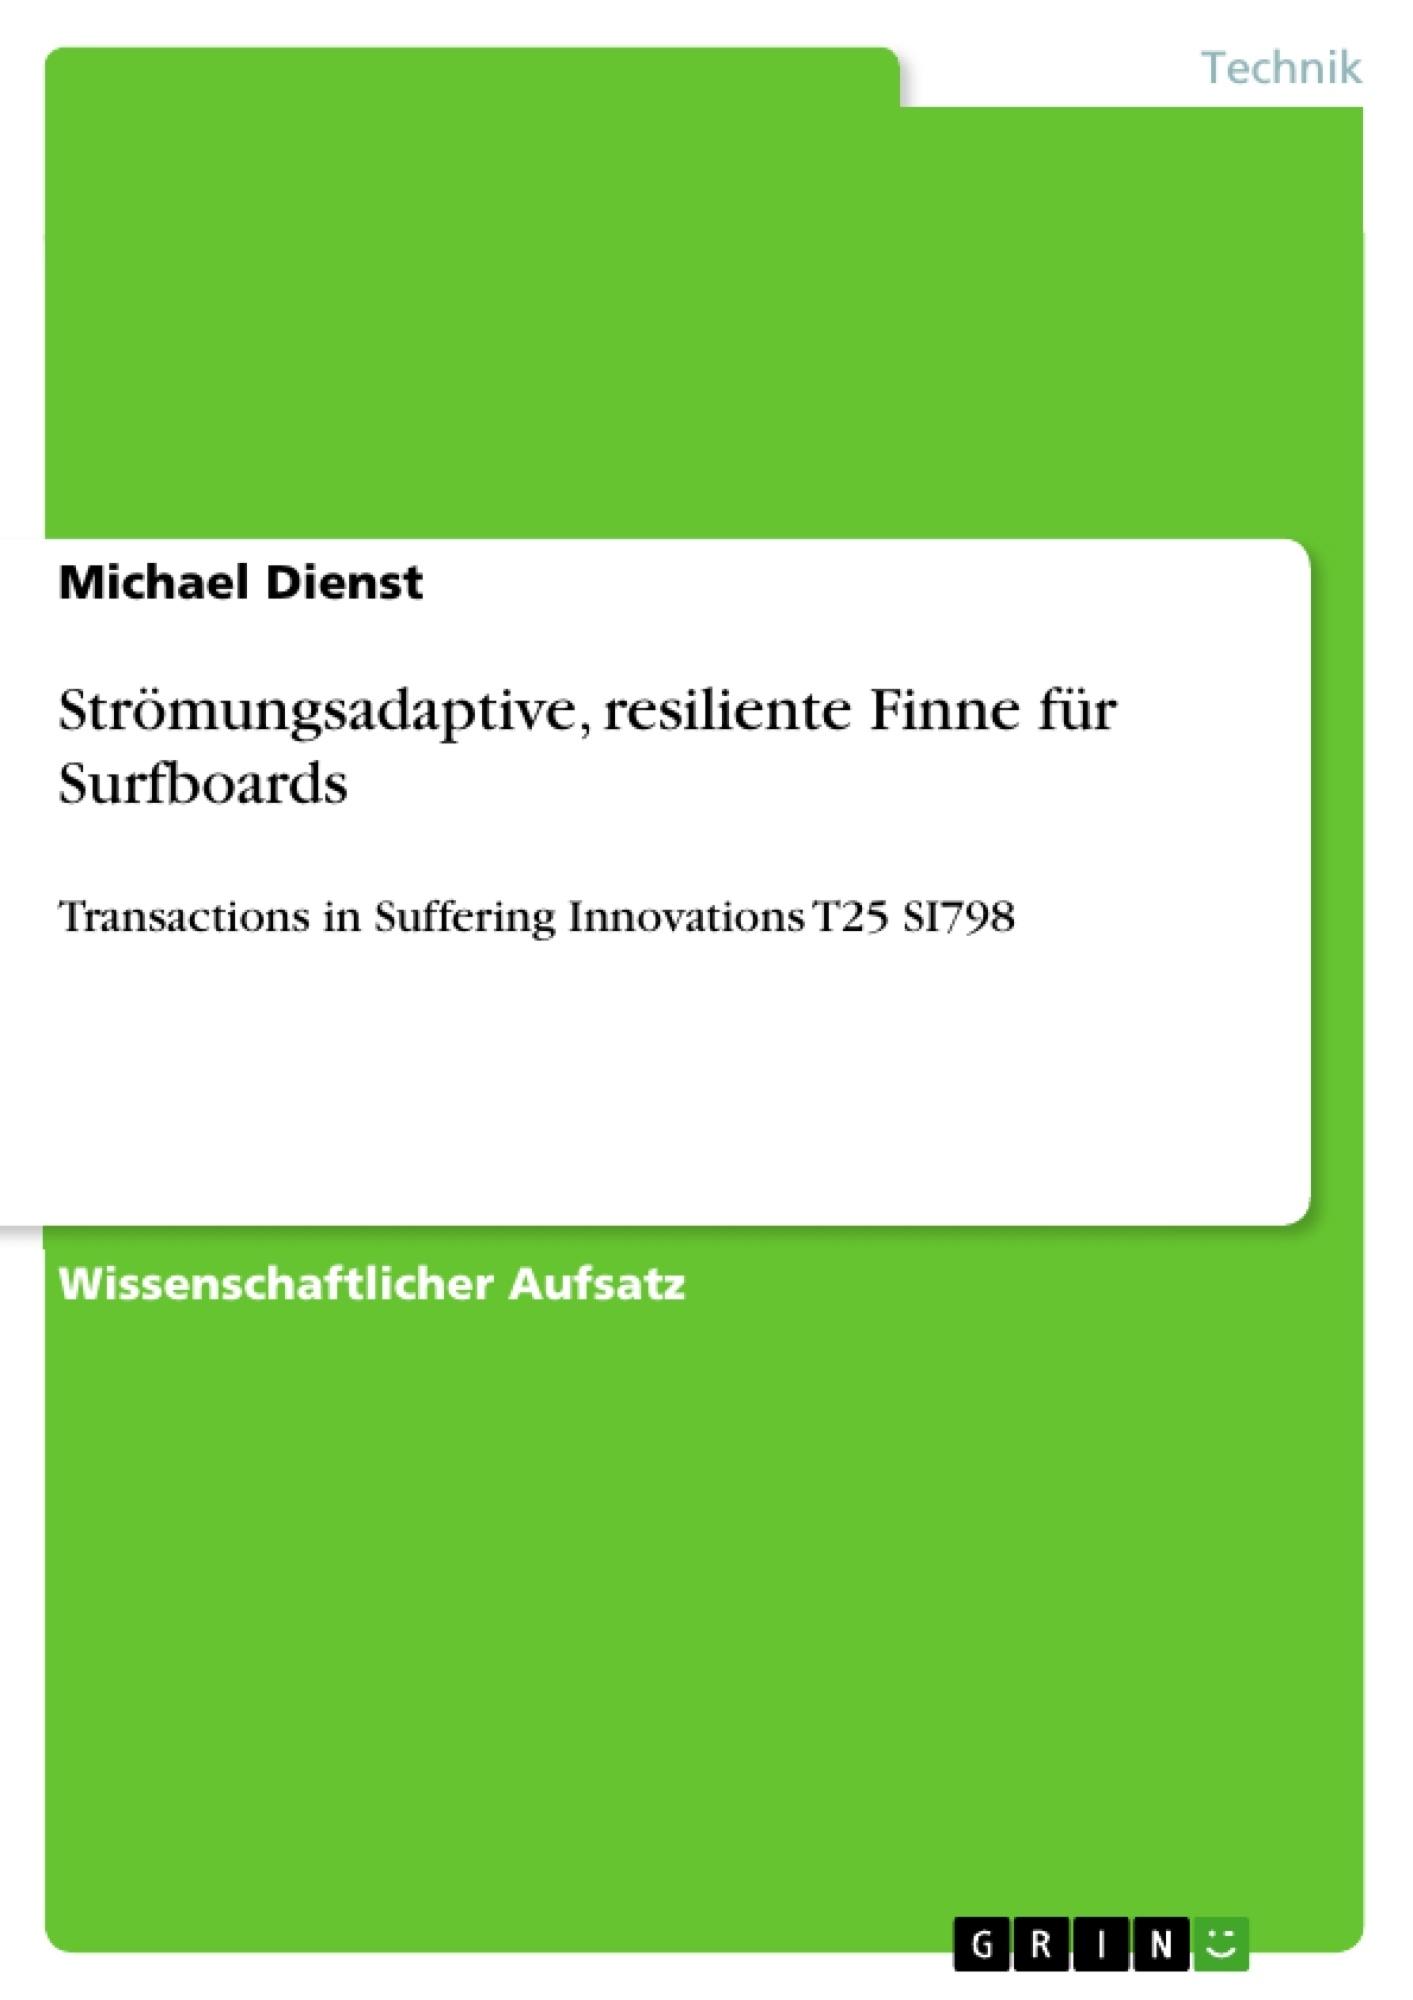 Titel: Strömungsadaptive, resiliente Finne für Surfboards